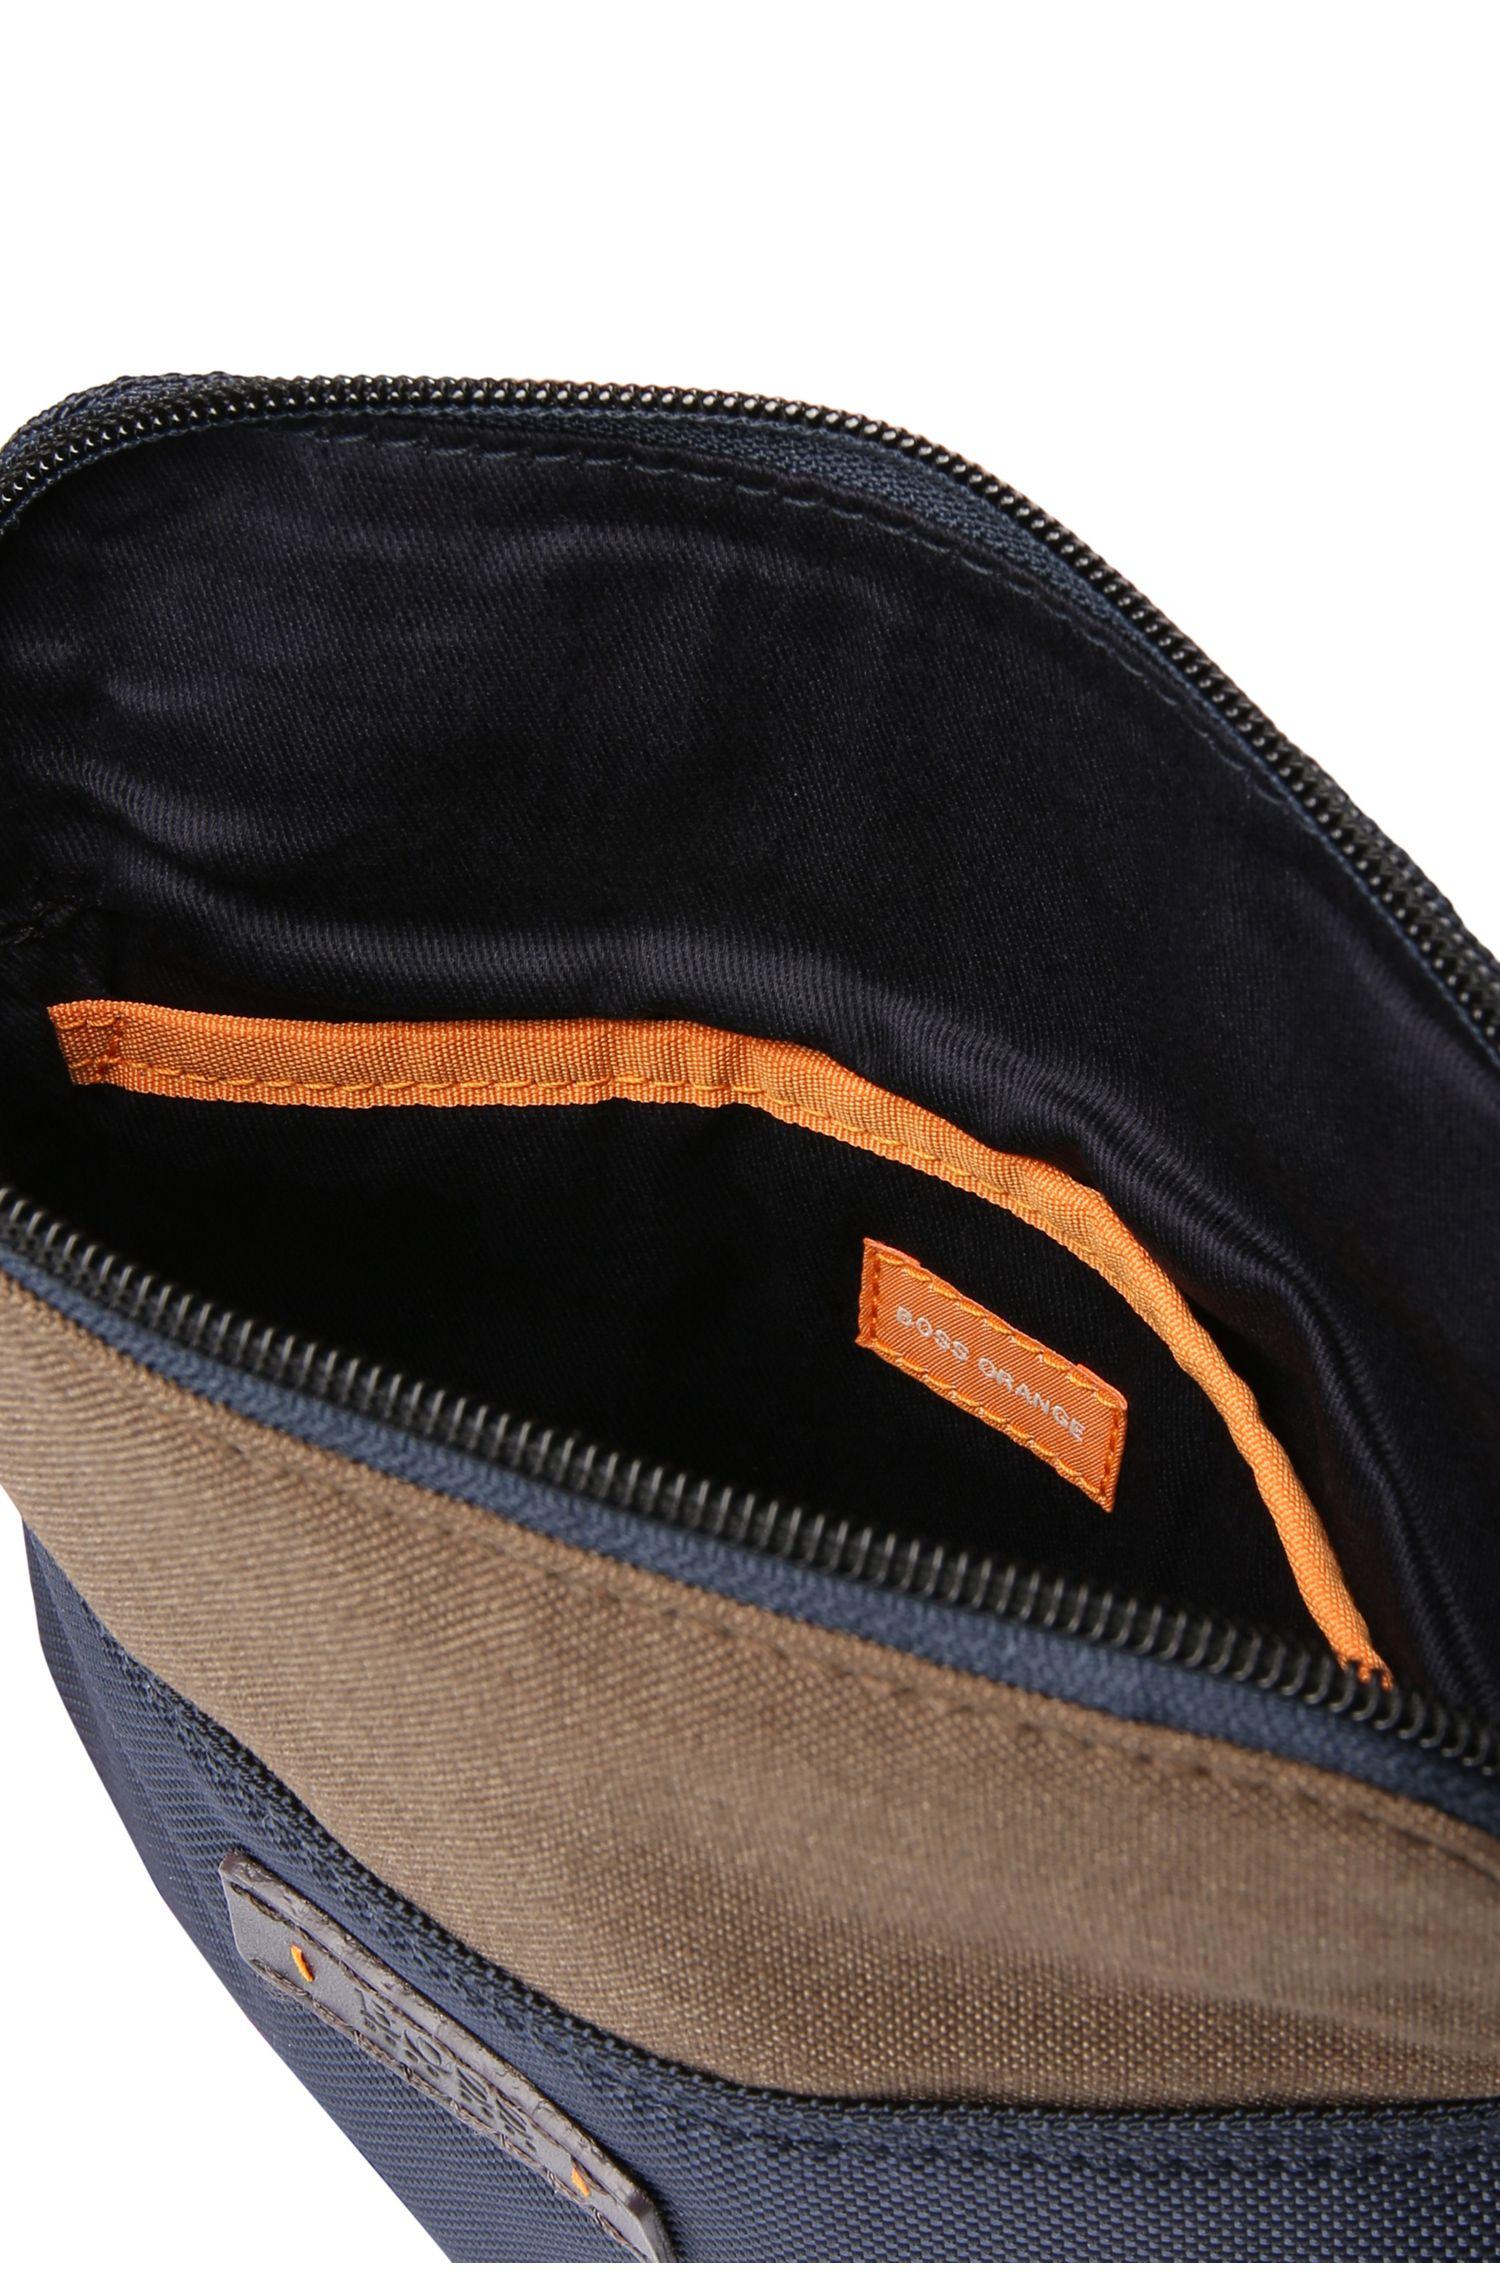 Kleine schoudertas van gestructureerd nylon: 'Saturn_S zip env'